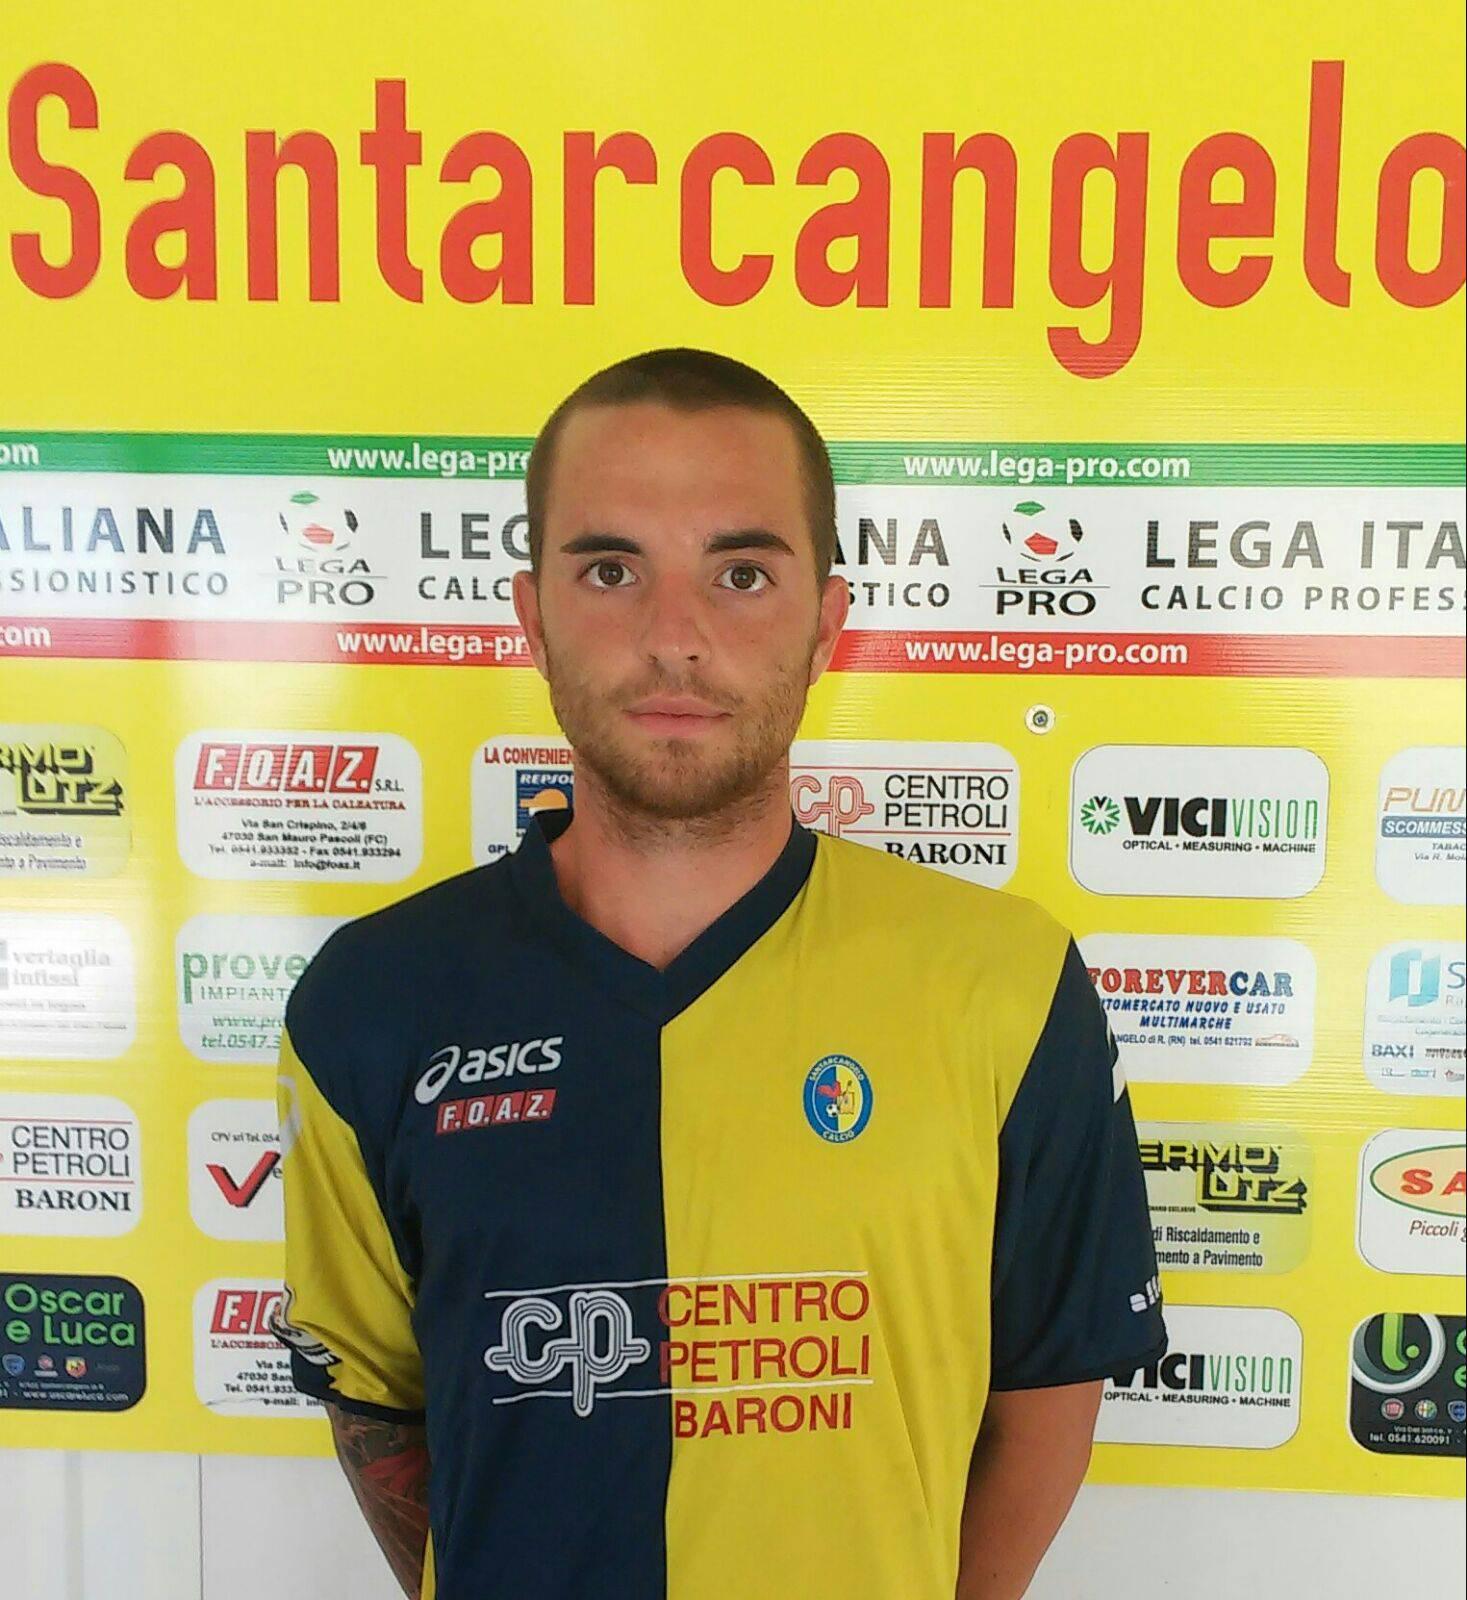 intervista a Tommaso Arrigoni